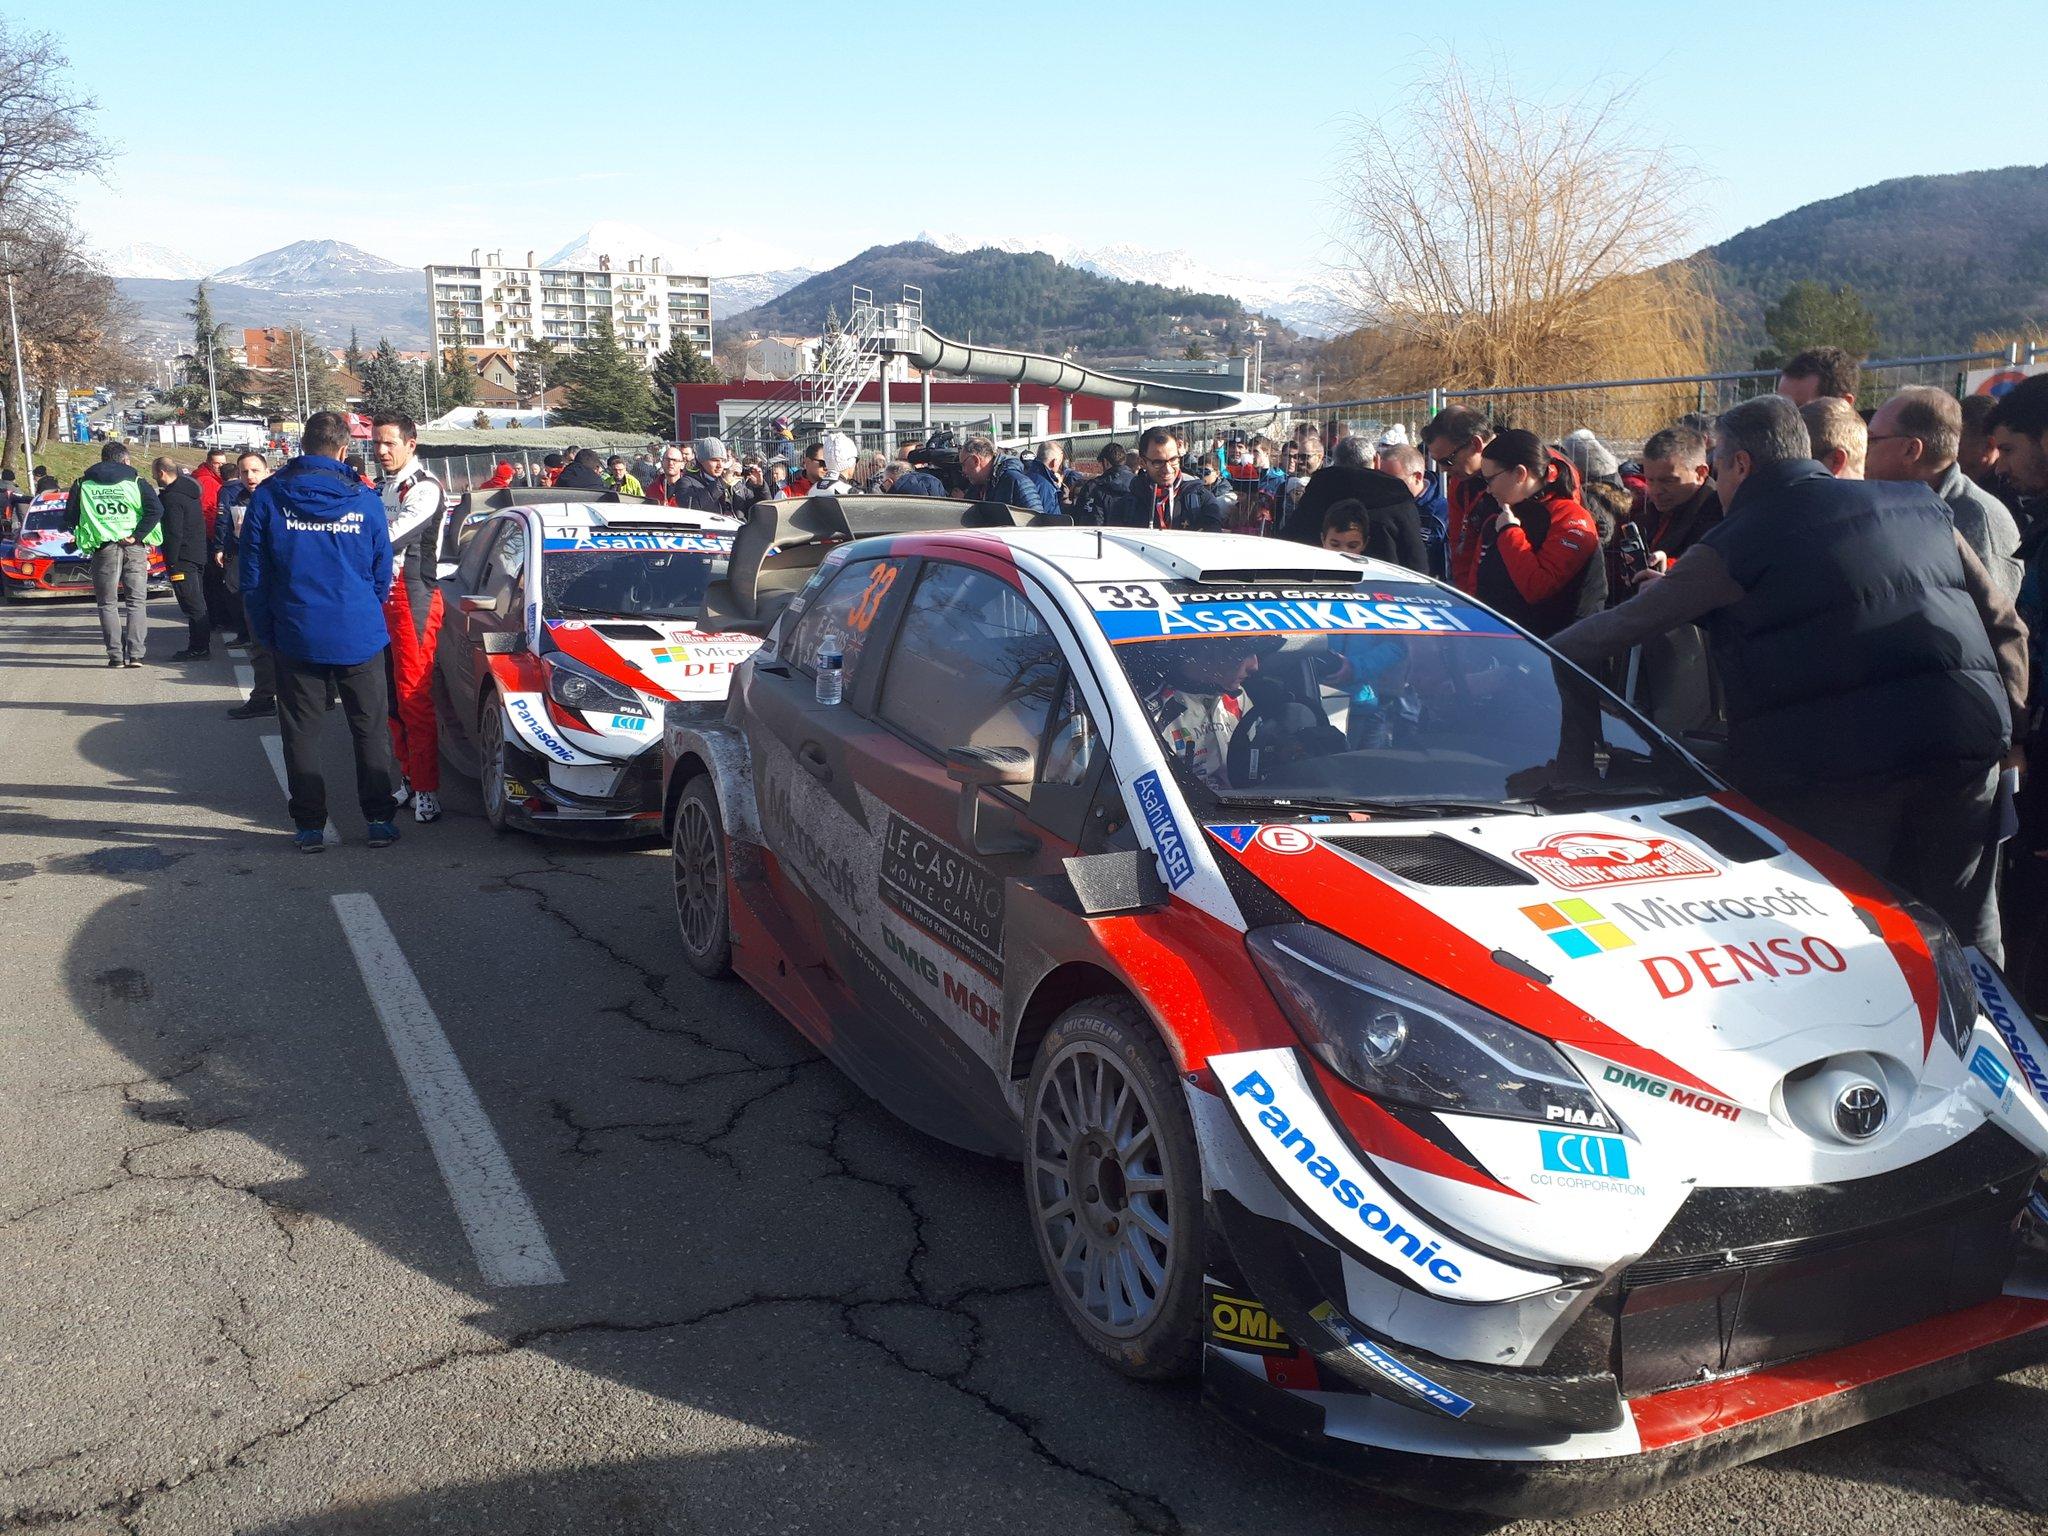 WRC: 88º Rallye Automobile de Monte-Carlo [20-26 de Enero] - Página 11 EPH6121WAAA64bp?format=jpg&name=4096x4096